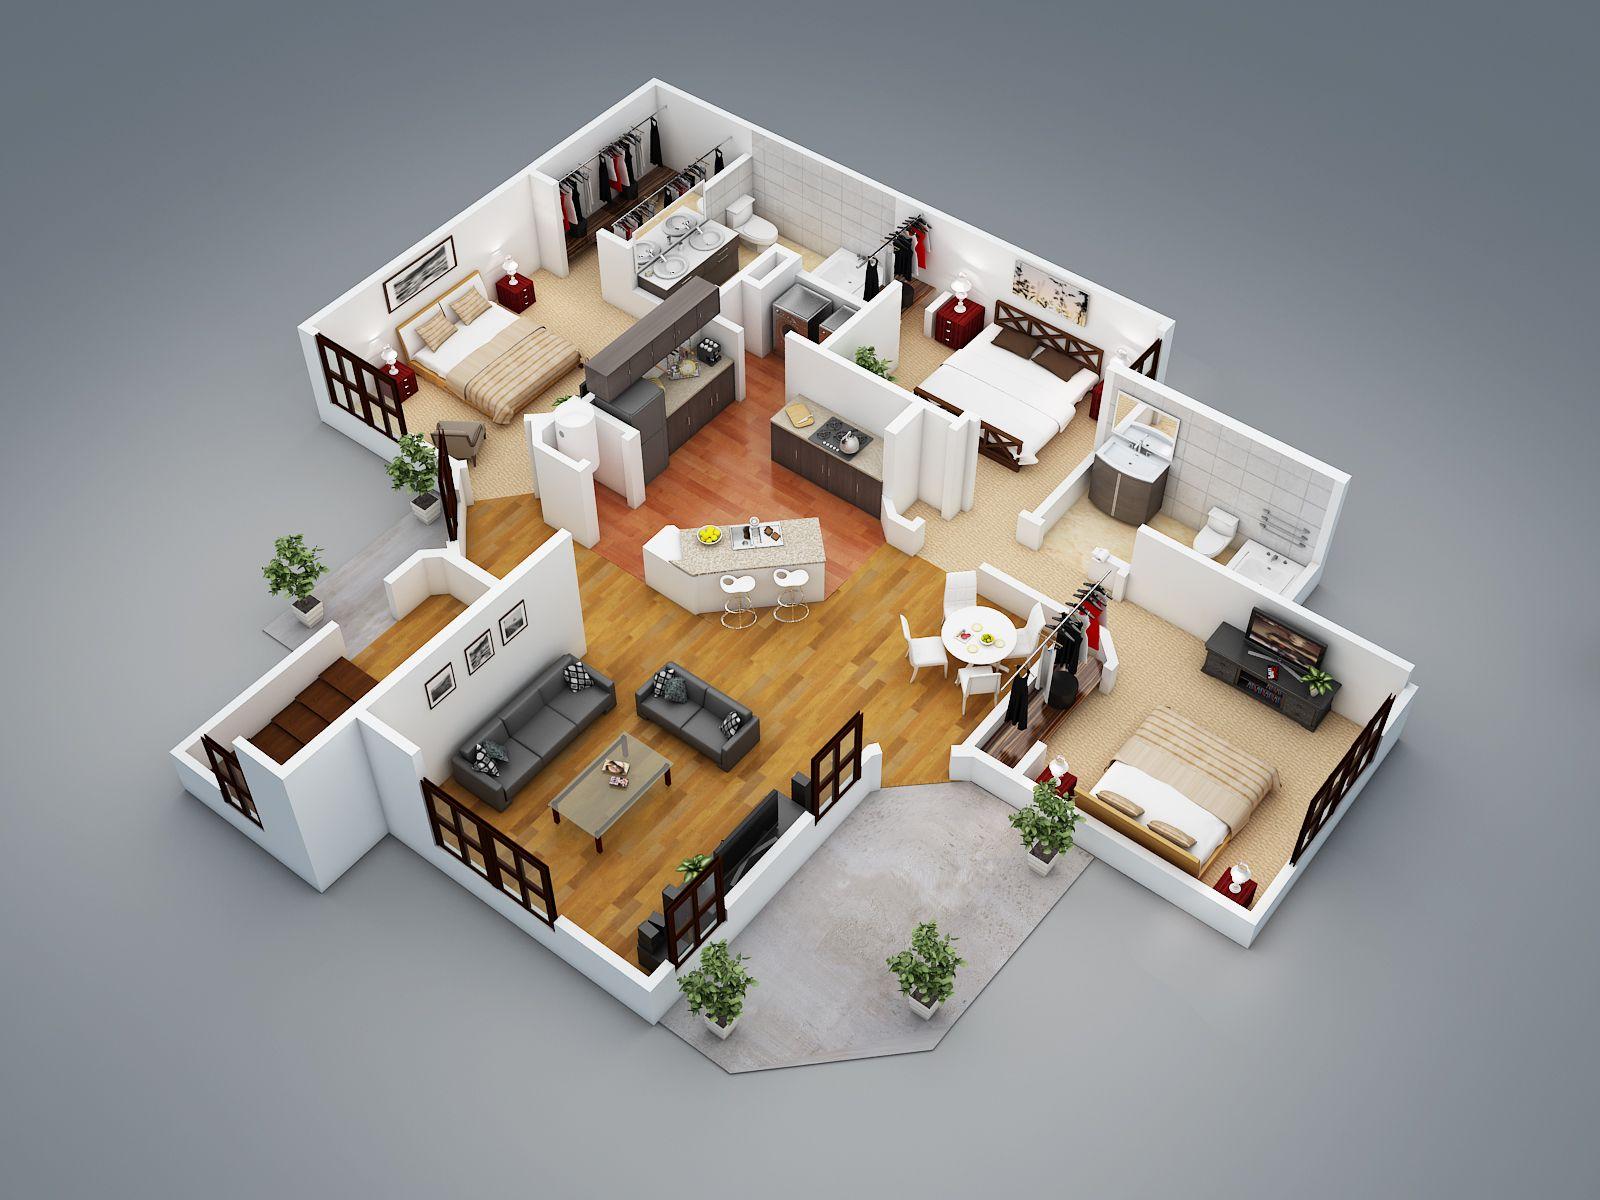 3d floor plans buscar con google g pinterest house plans floor plans y 3d house plans. Black Bedroom Furniture Sets. Home Design Ideas